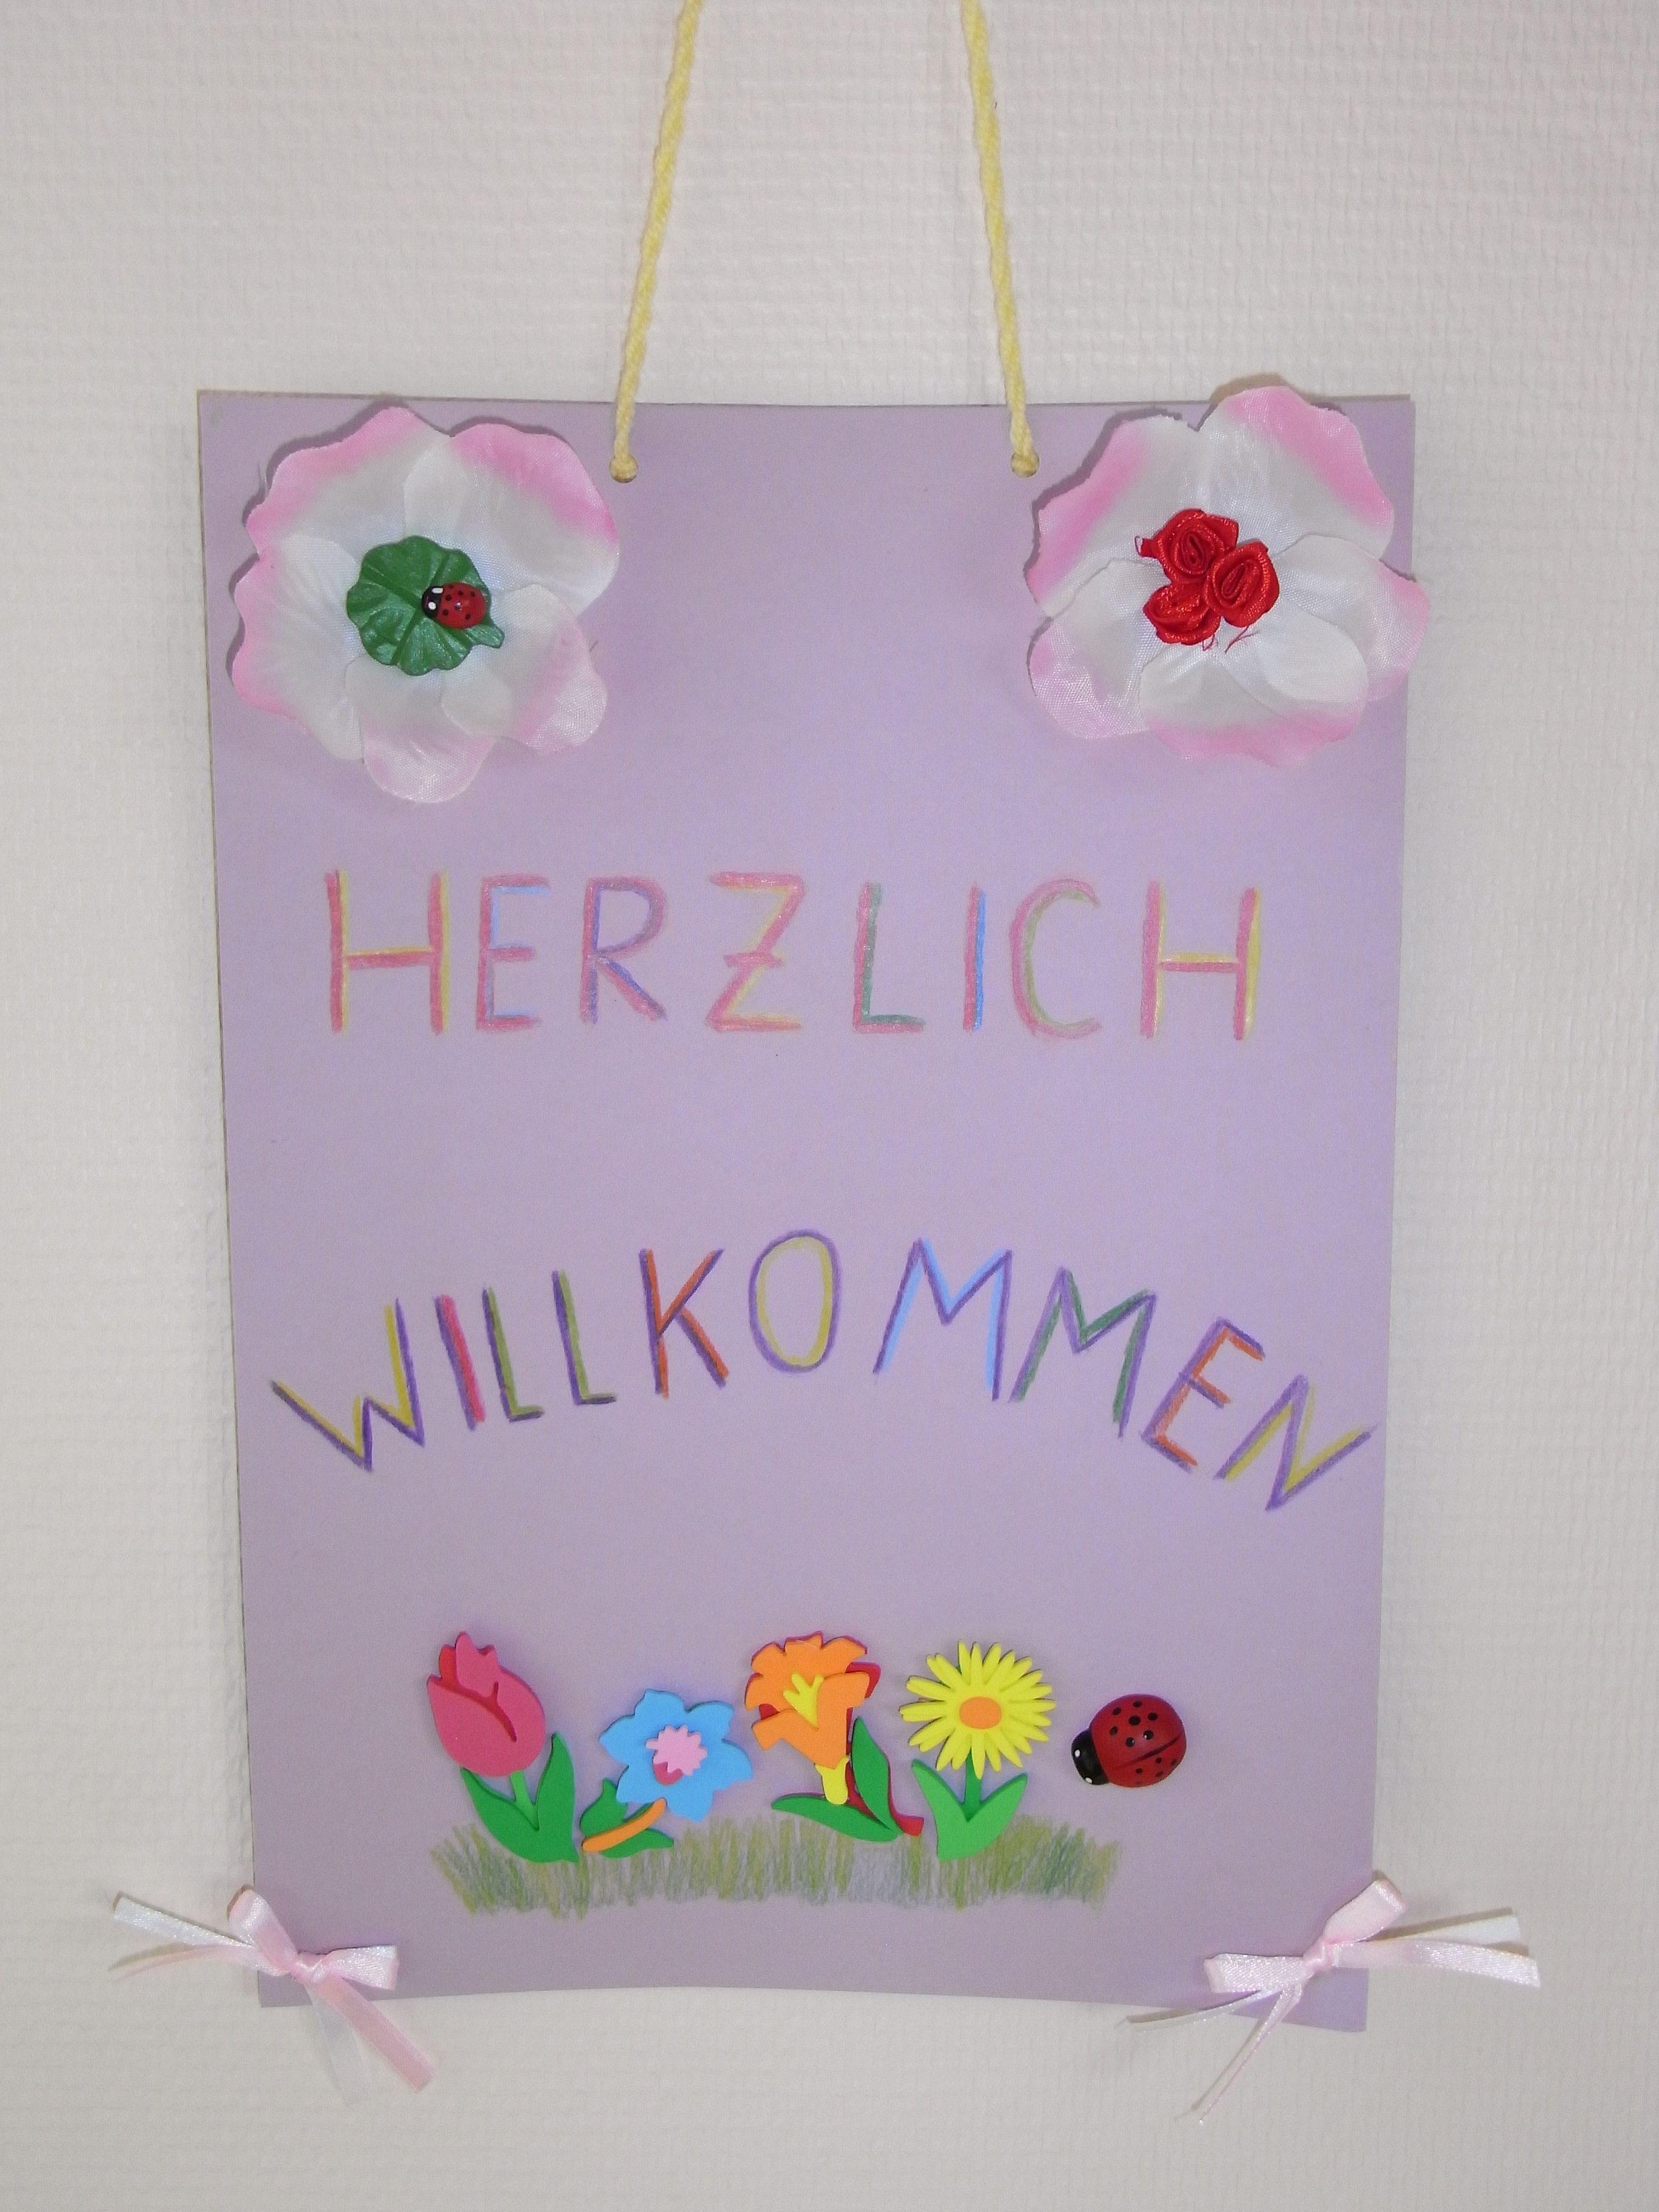 Herzlich Willkommen Schild Zum Aufhängen Aus Tonpapier Und